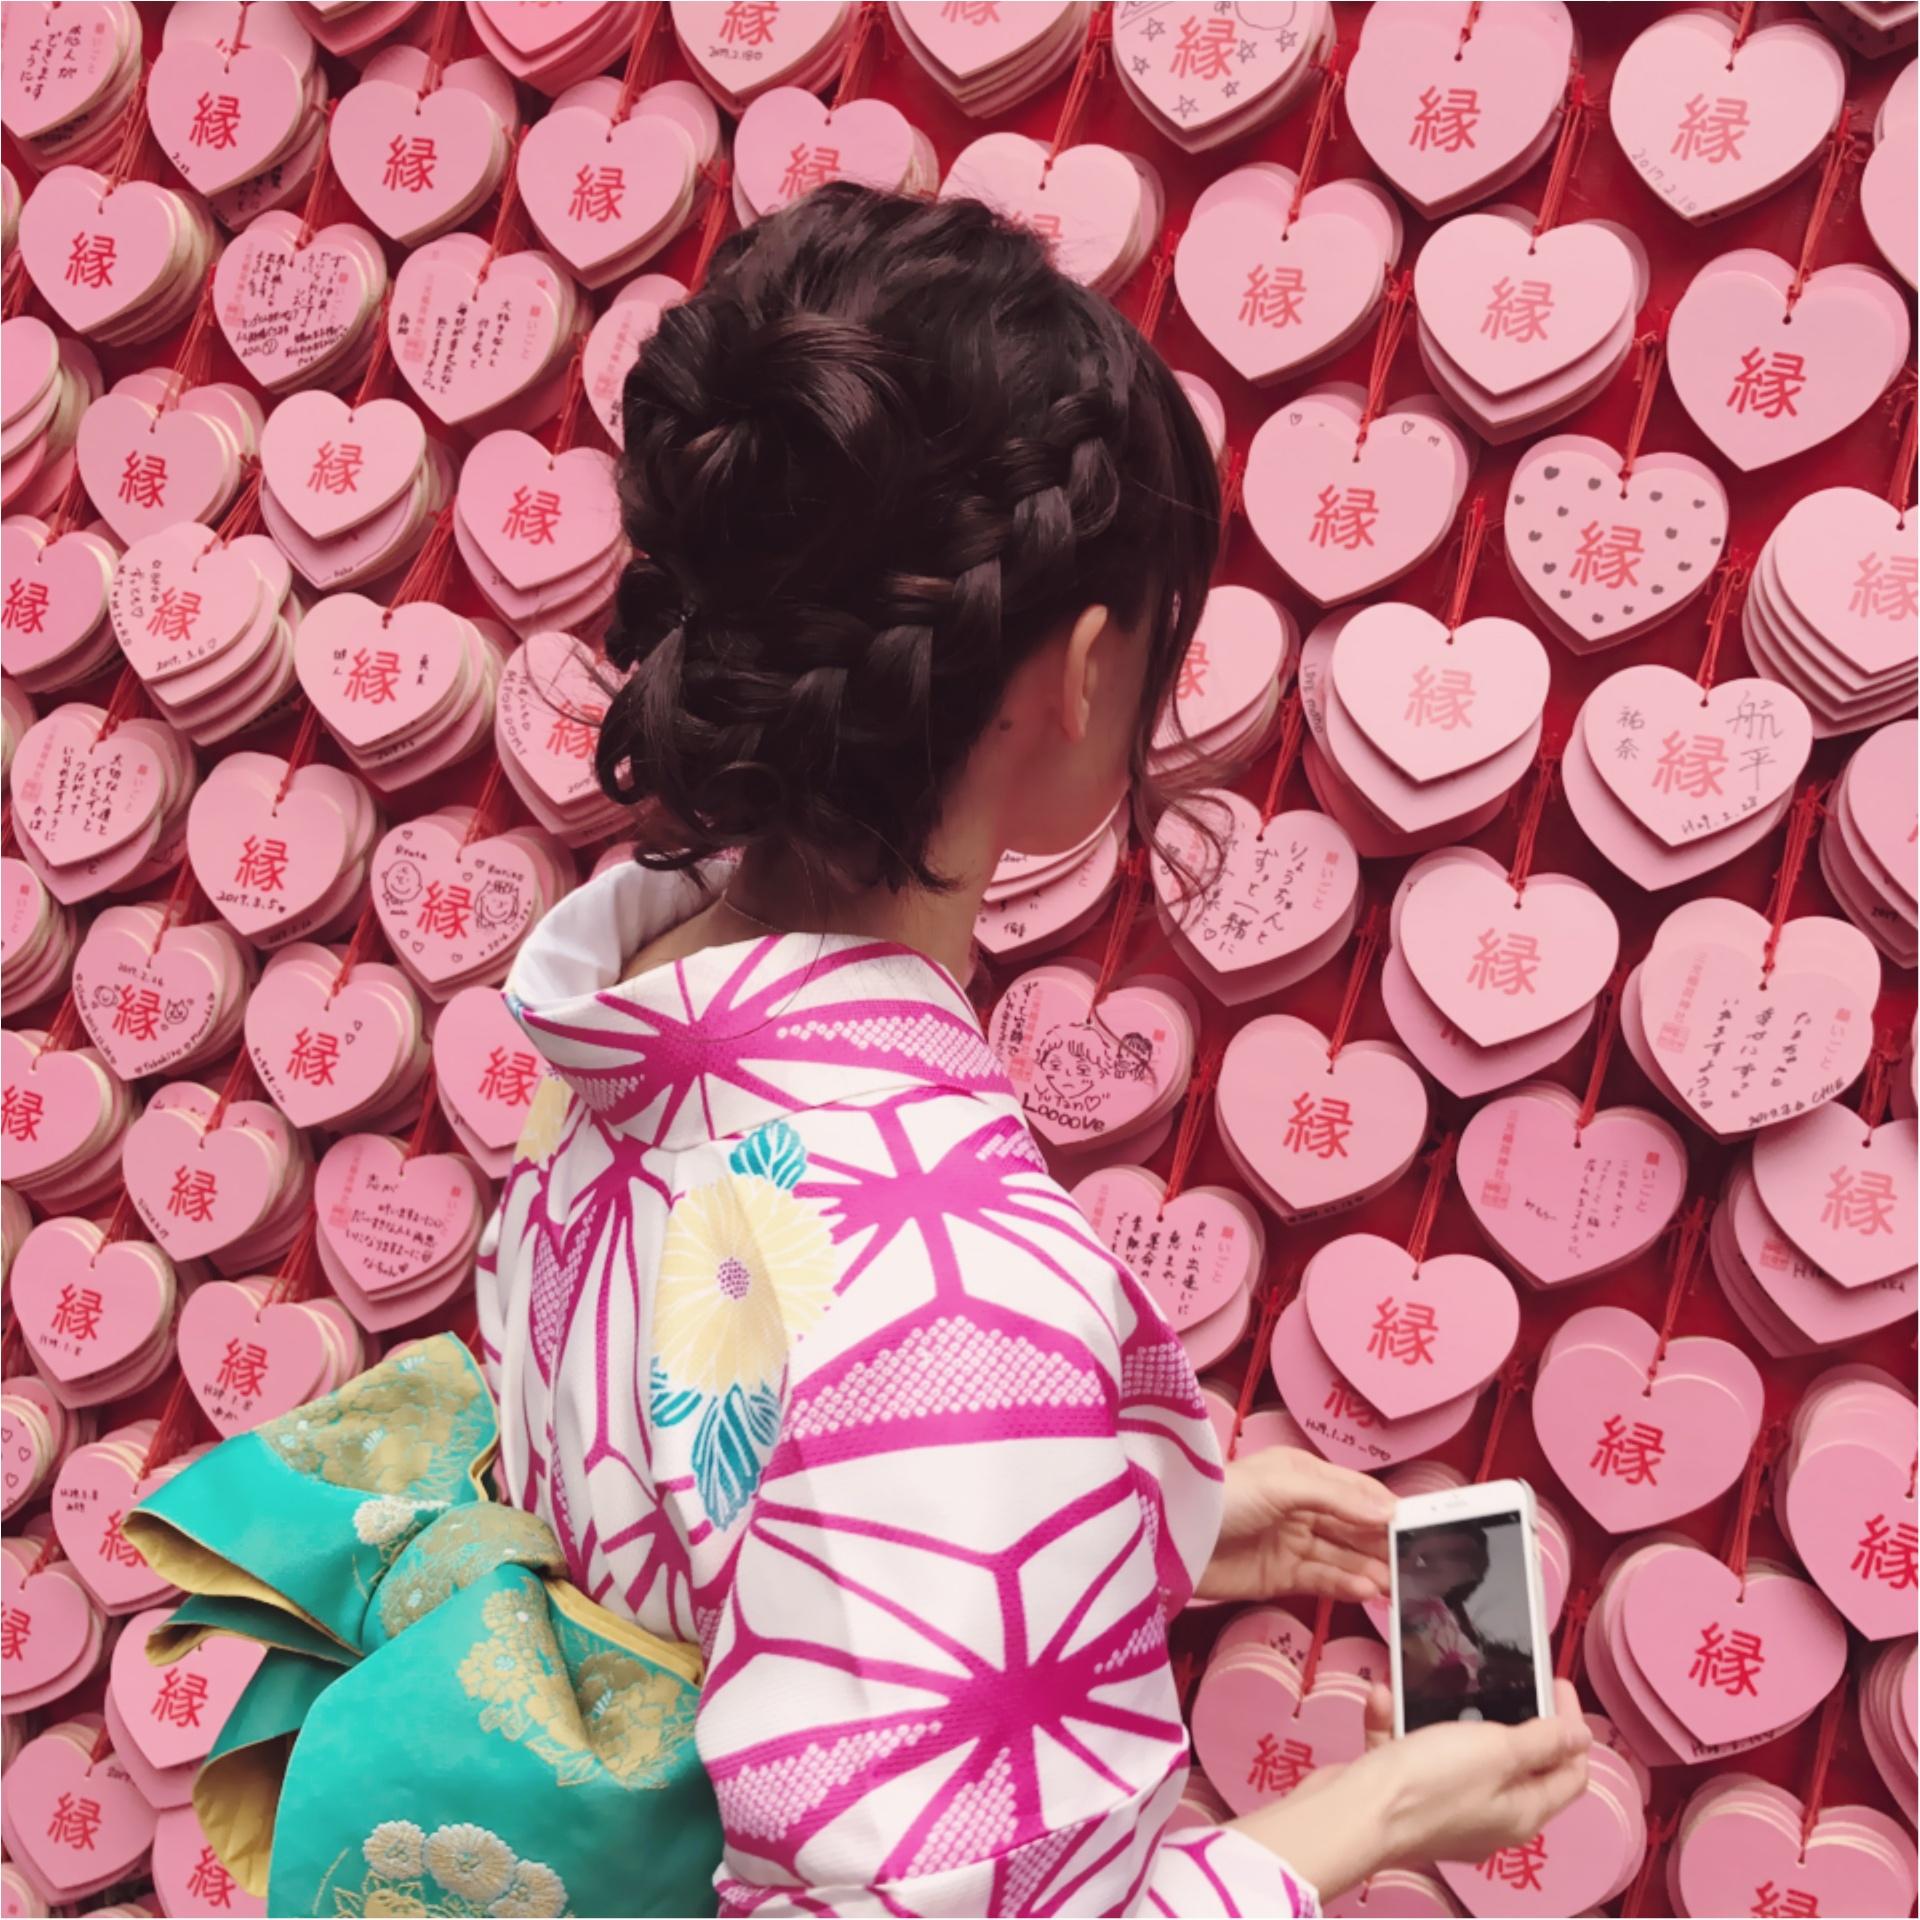 ★県民の私も知らなかった!愛知県で今とっても魅力的な街『犬山』素敵な街で着物さんぽのススメ★_2